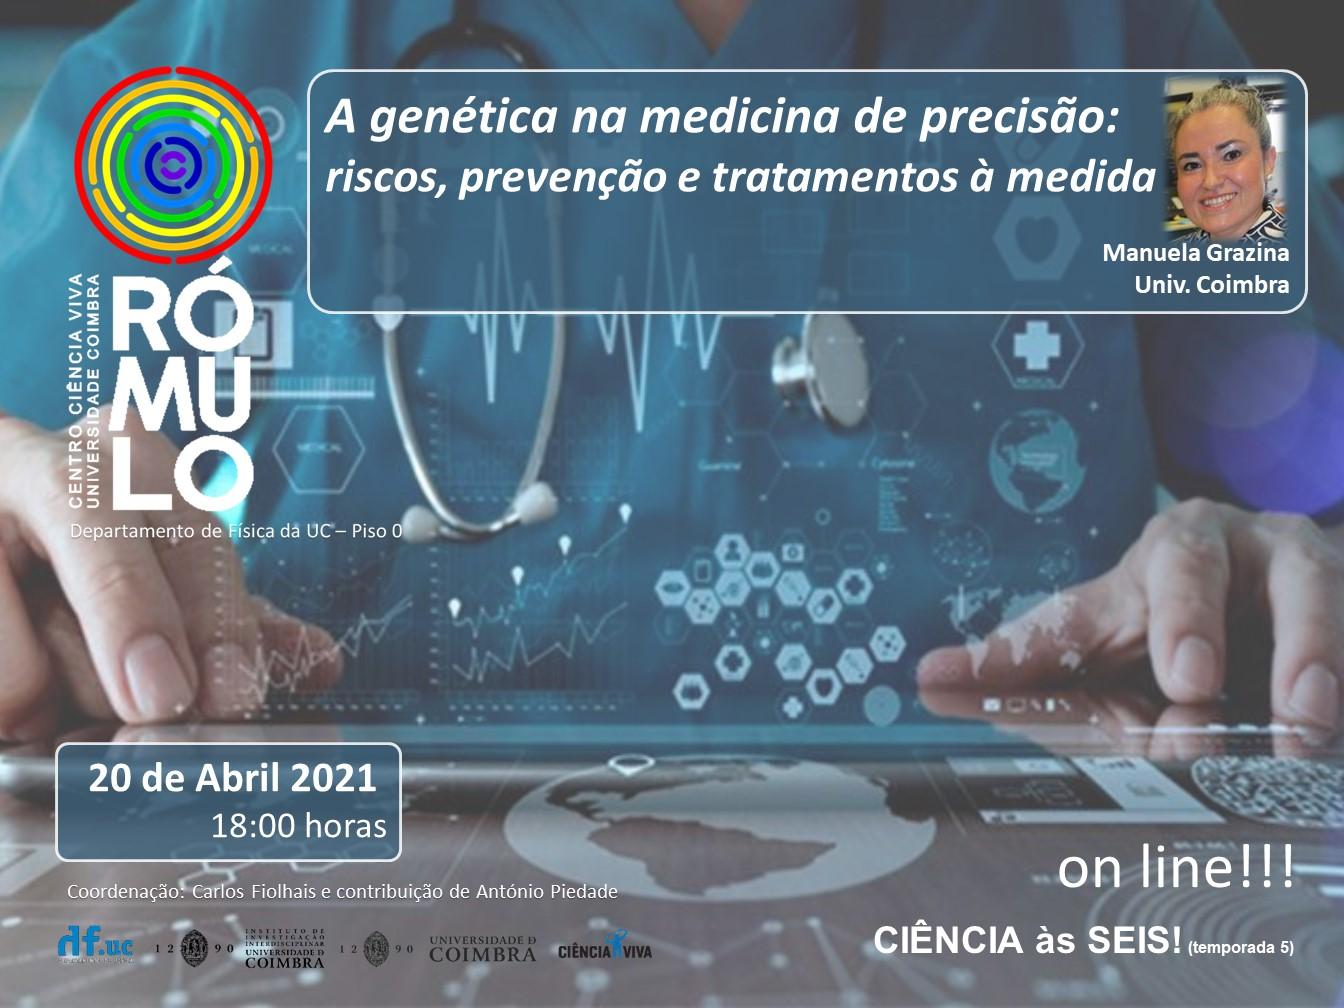 A Genética na medicina de precisão: riscos, prevenção e tratamento à medida